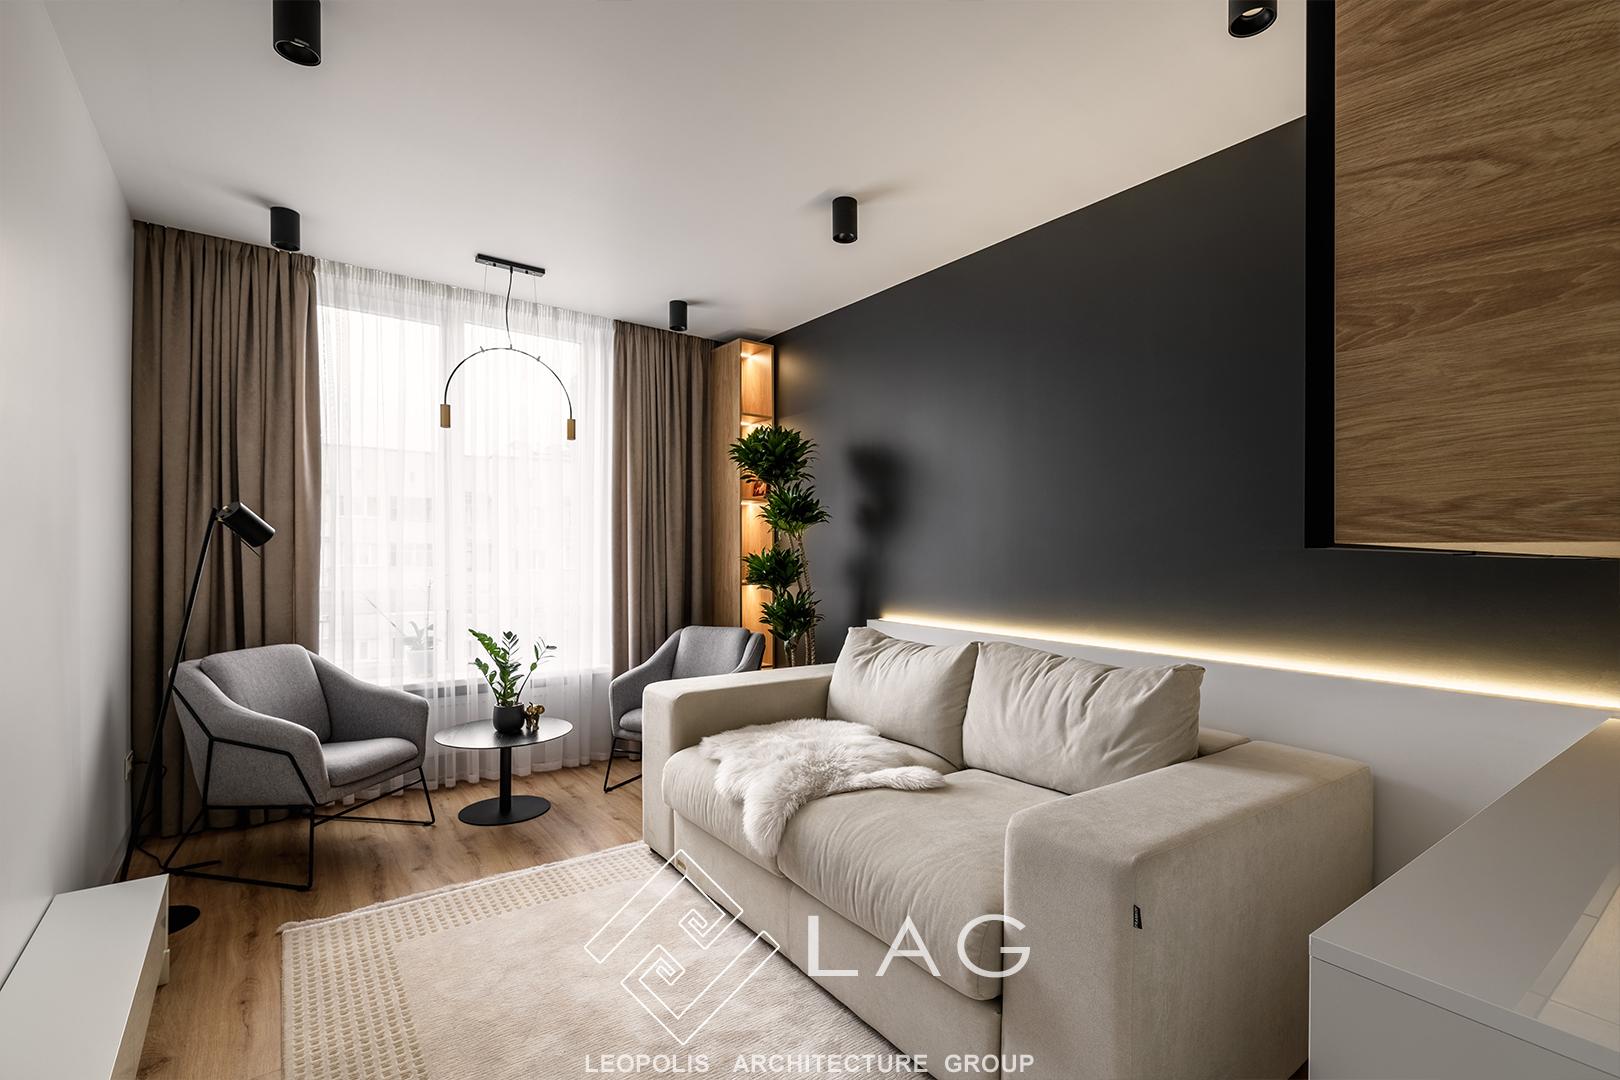 дизайн інтер'єру гостьової кімнати